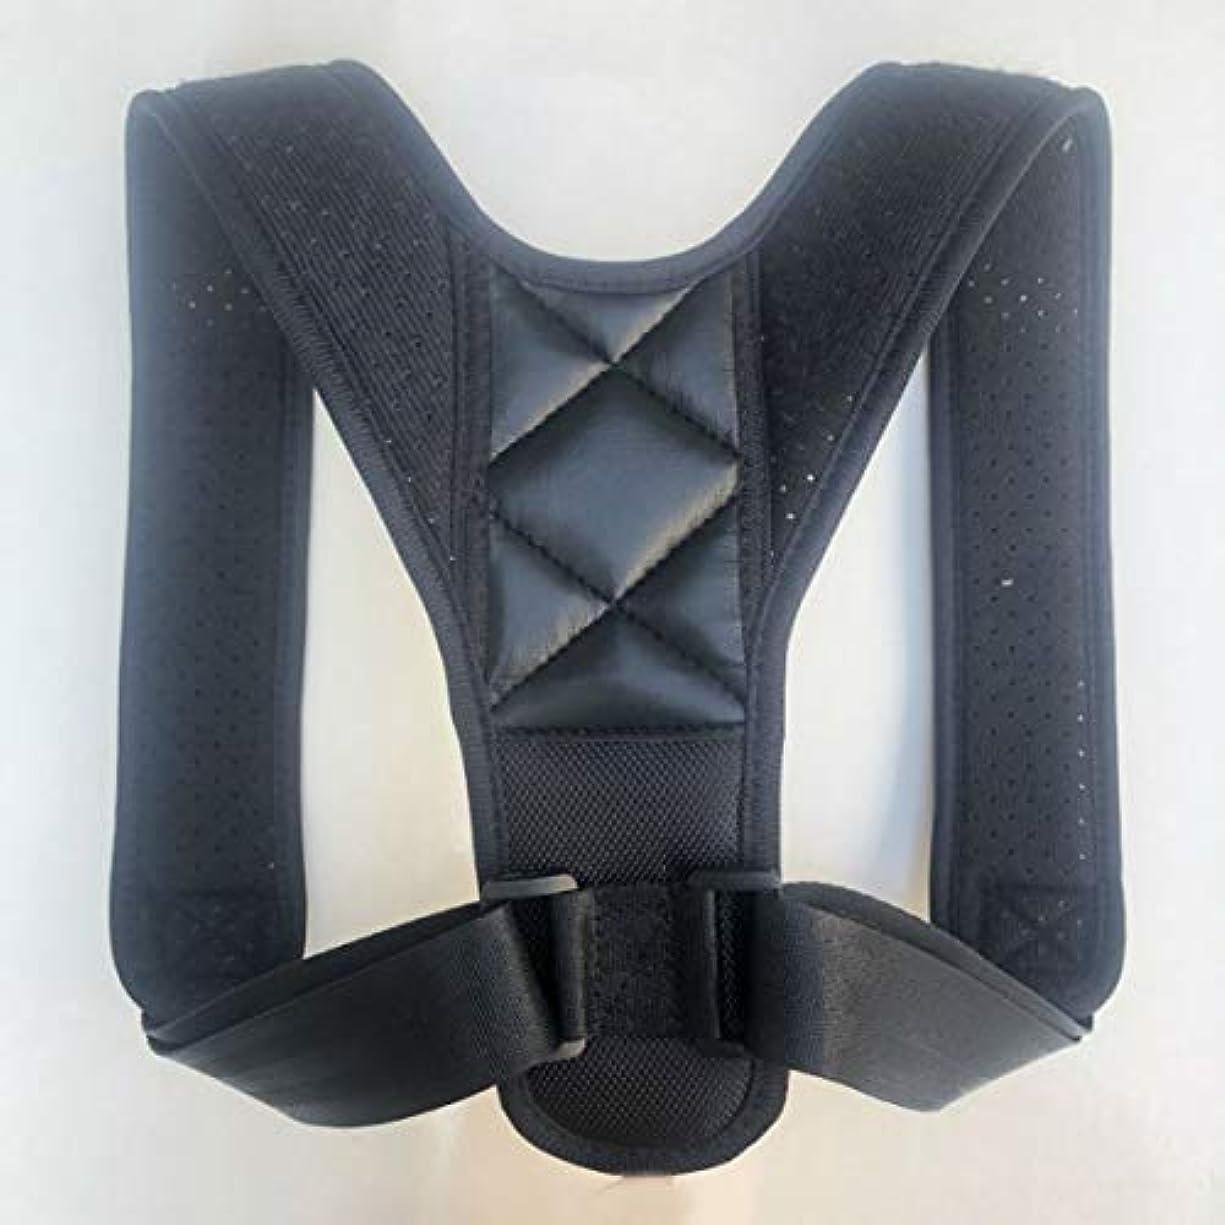 カウンターパート多分スチールアッパーバックポスチャーコレクター姿勢鎖骨サポートコレクターバックストレートショルダーブレースストラップコレクター - ブラック